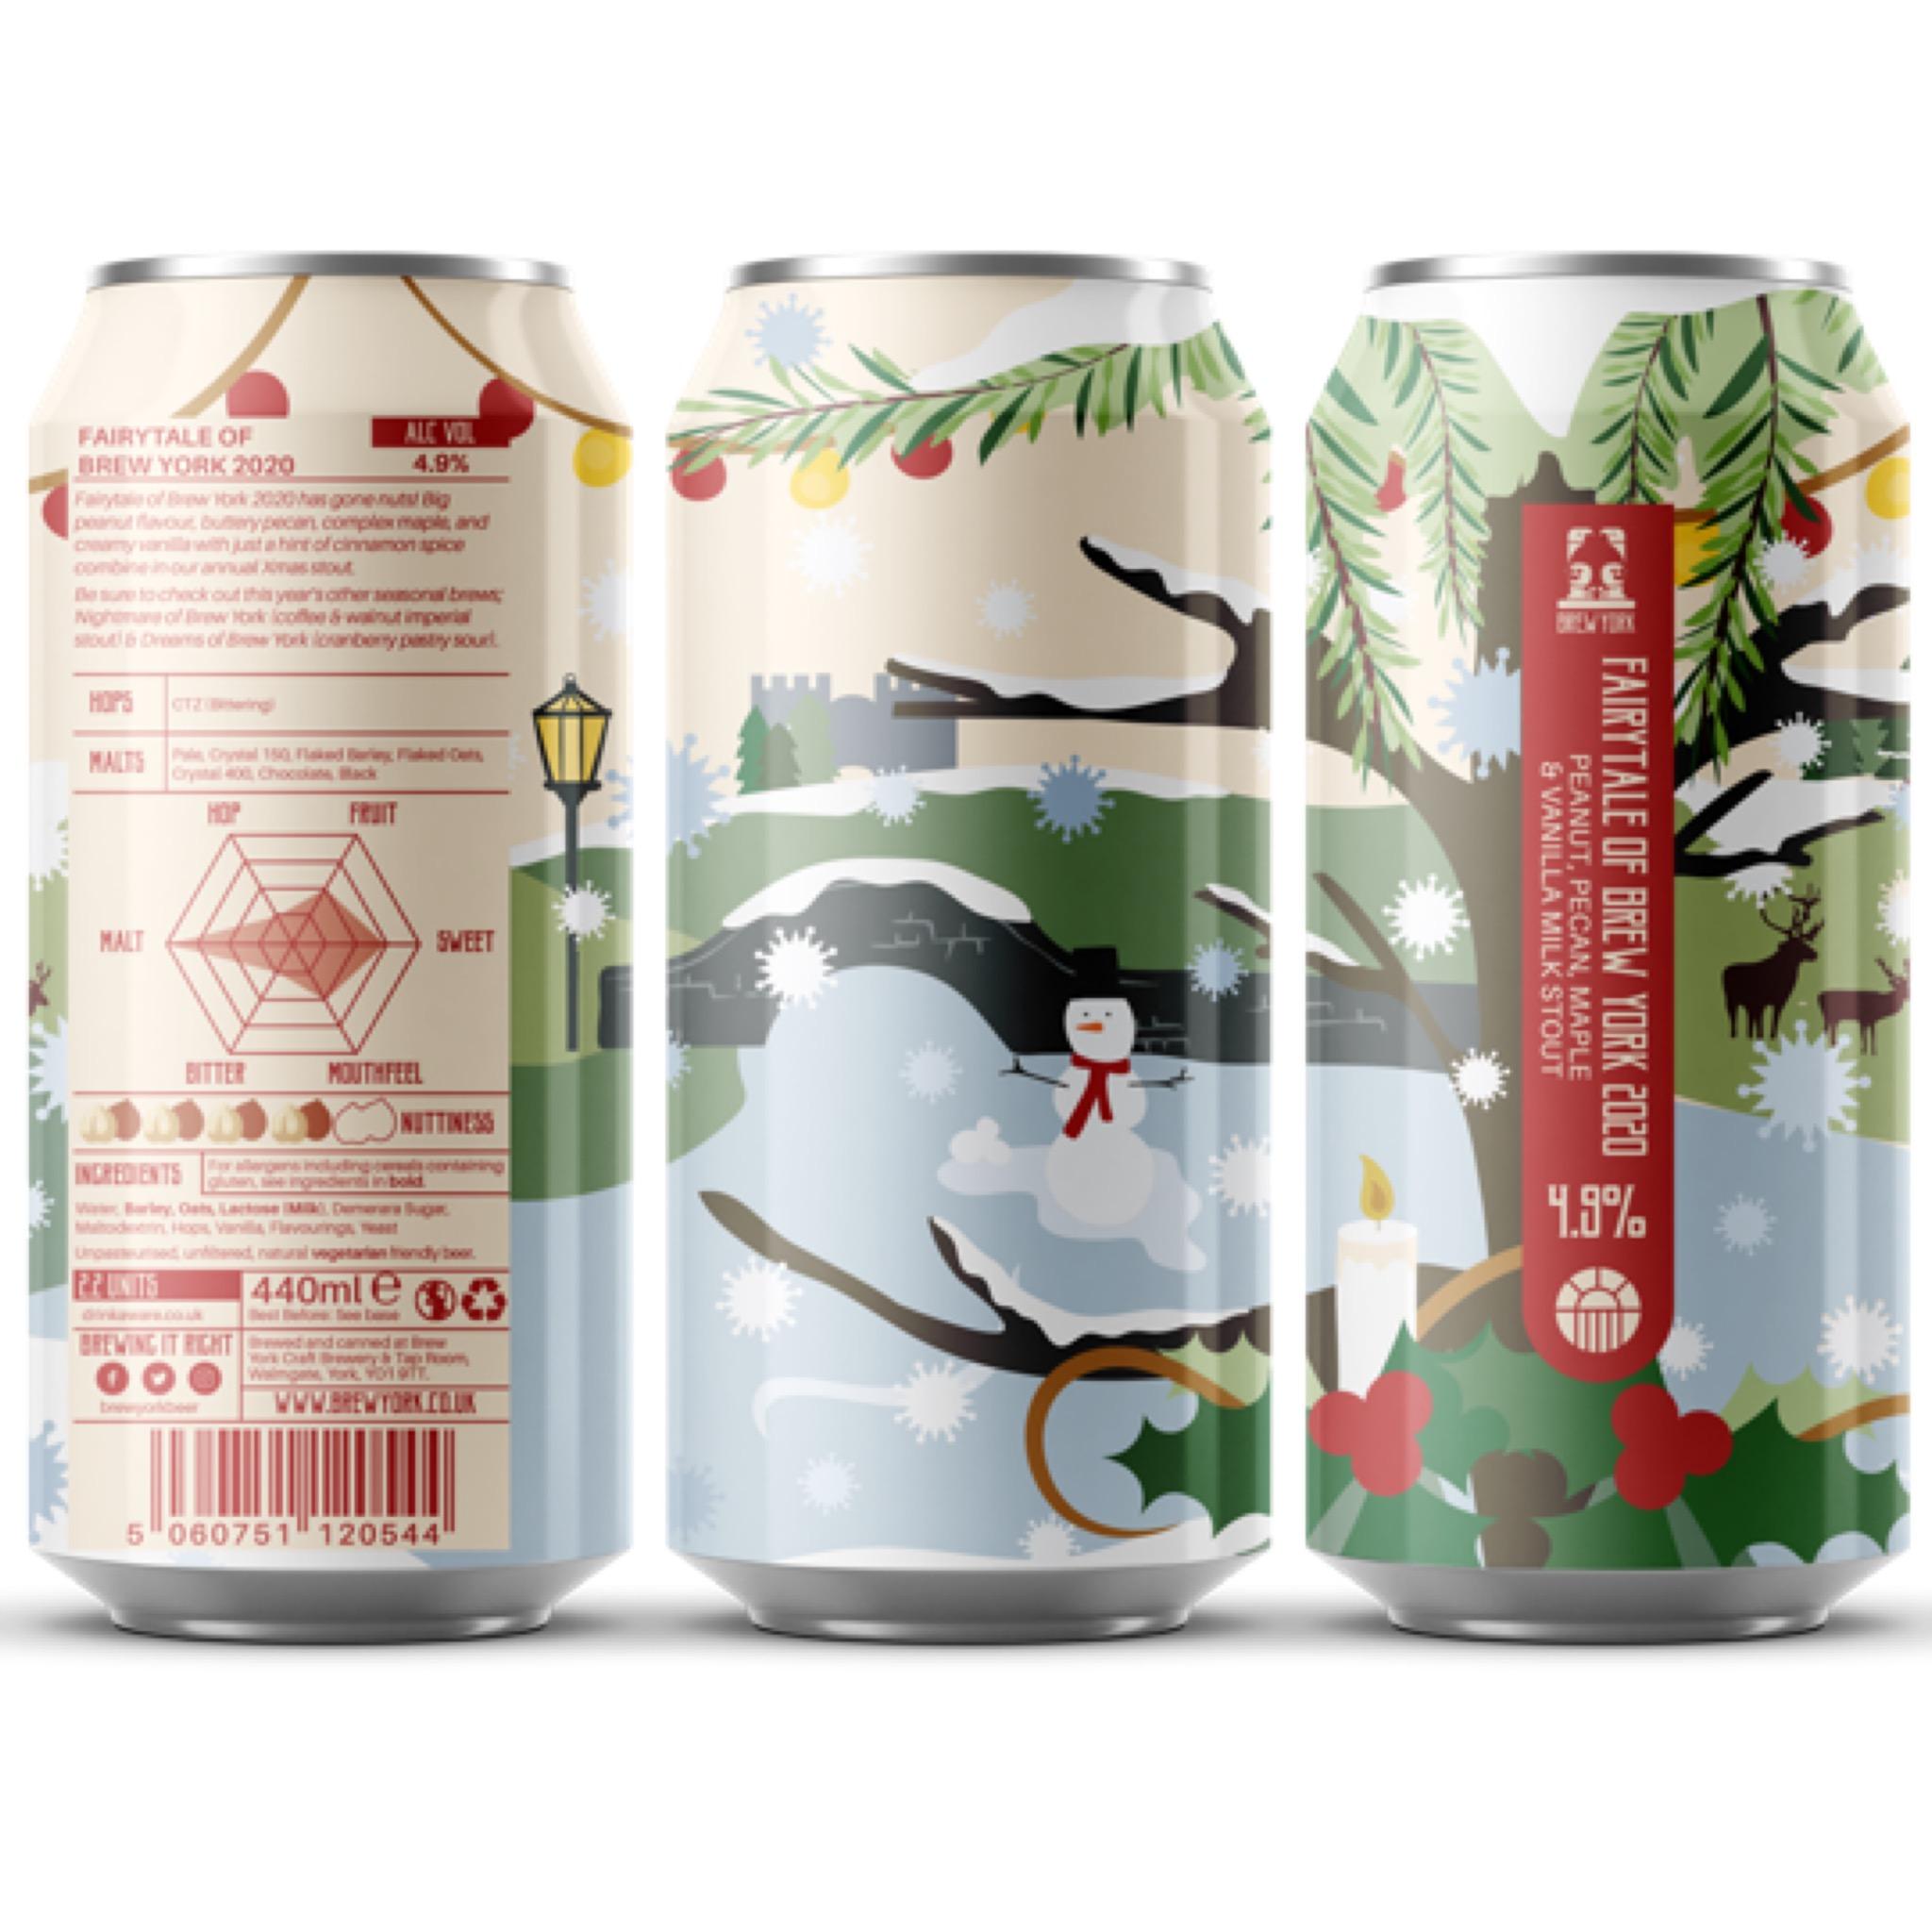 Fairytale Of Brew York 2020 Peanut, Pecan, Maple & Vanilla Milk Stout 4.9% 440ml